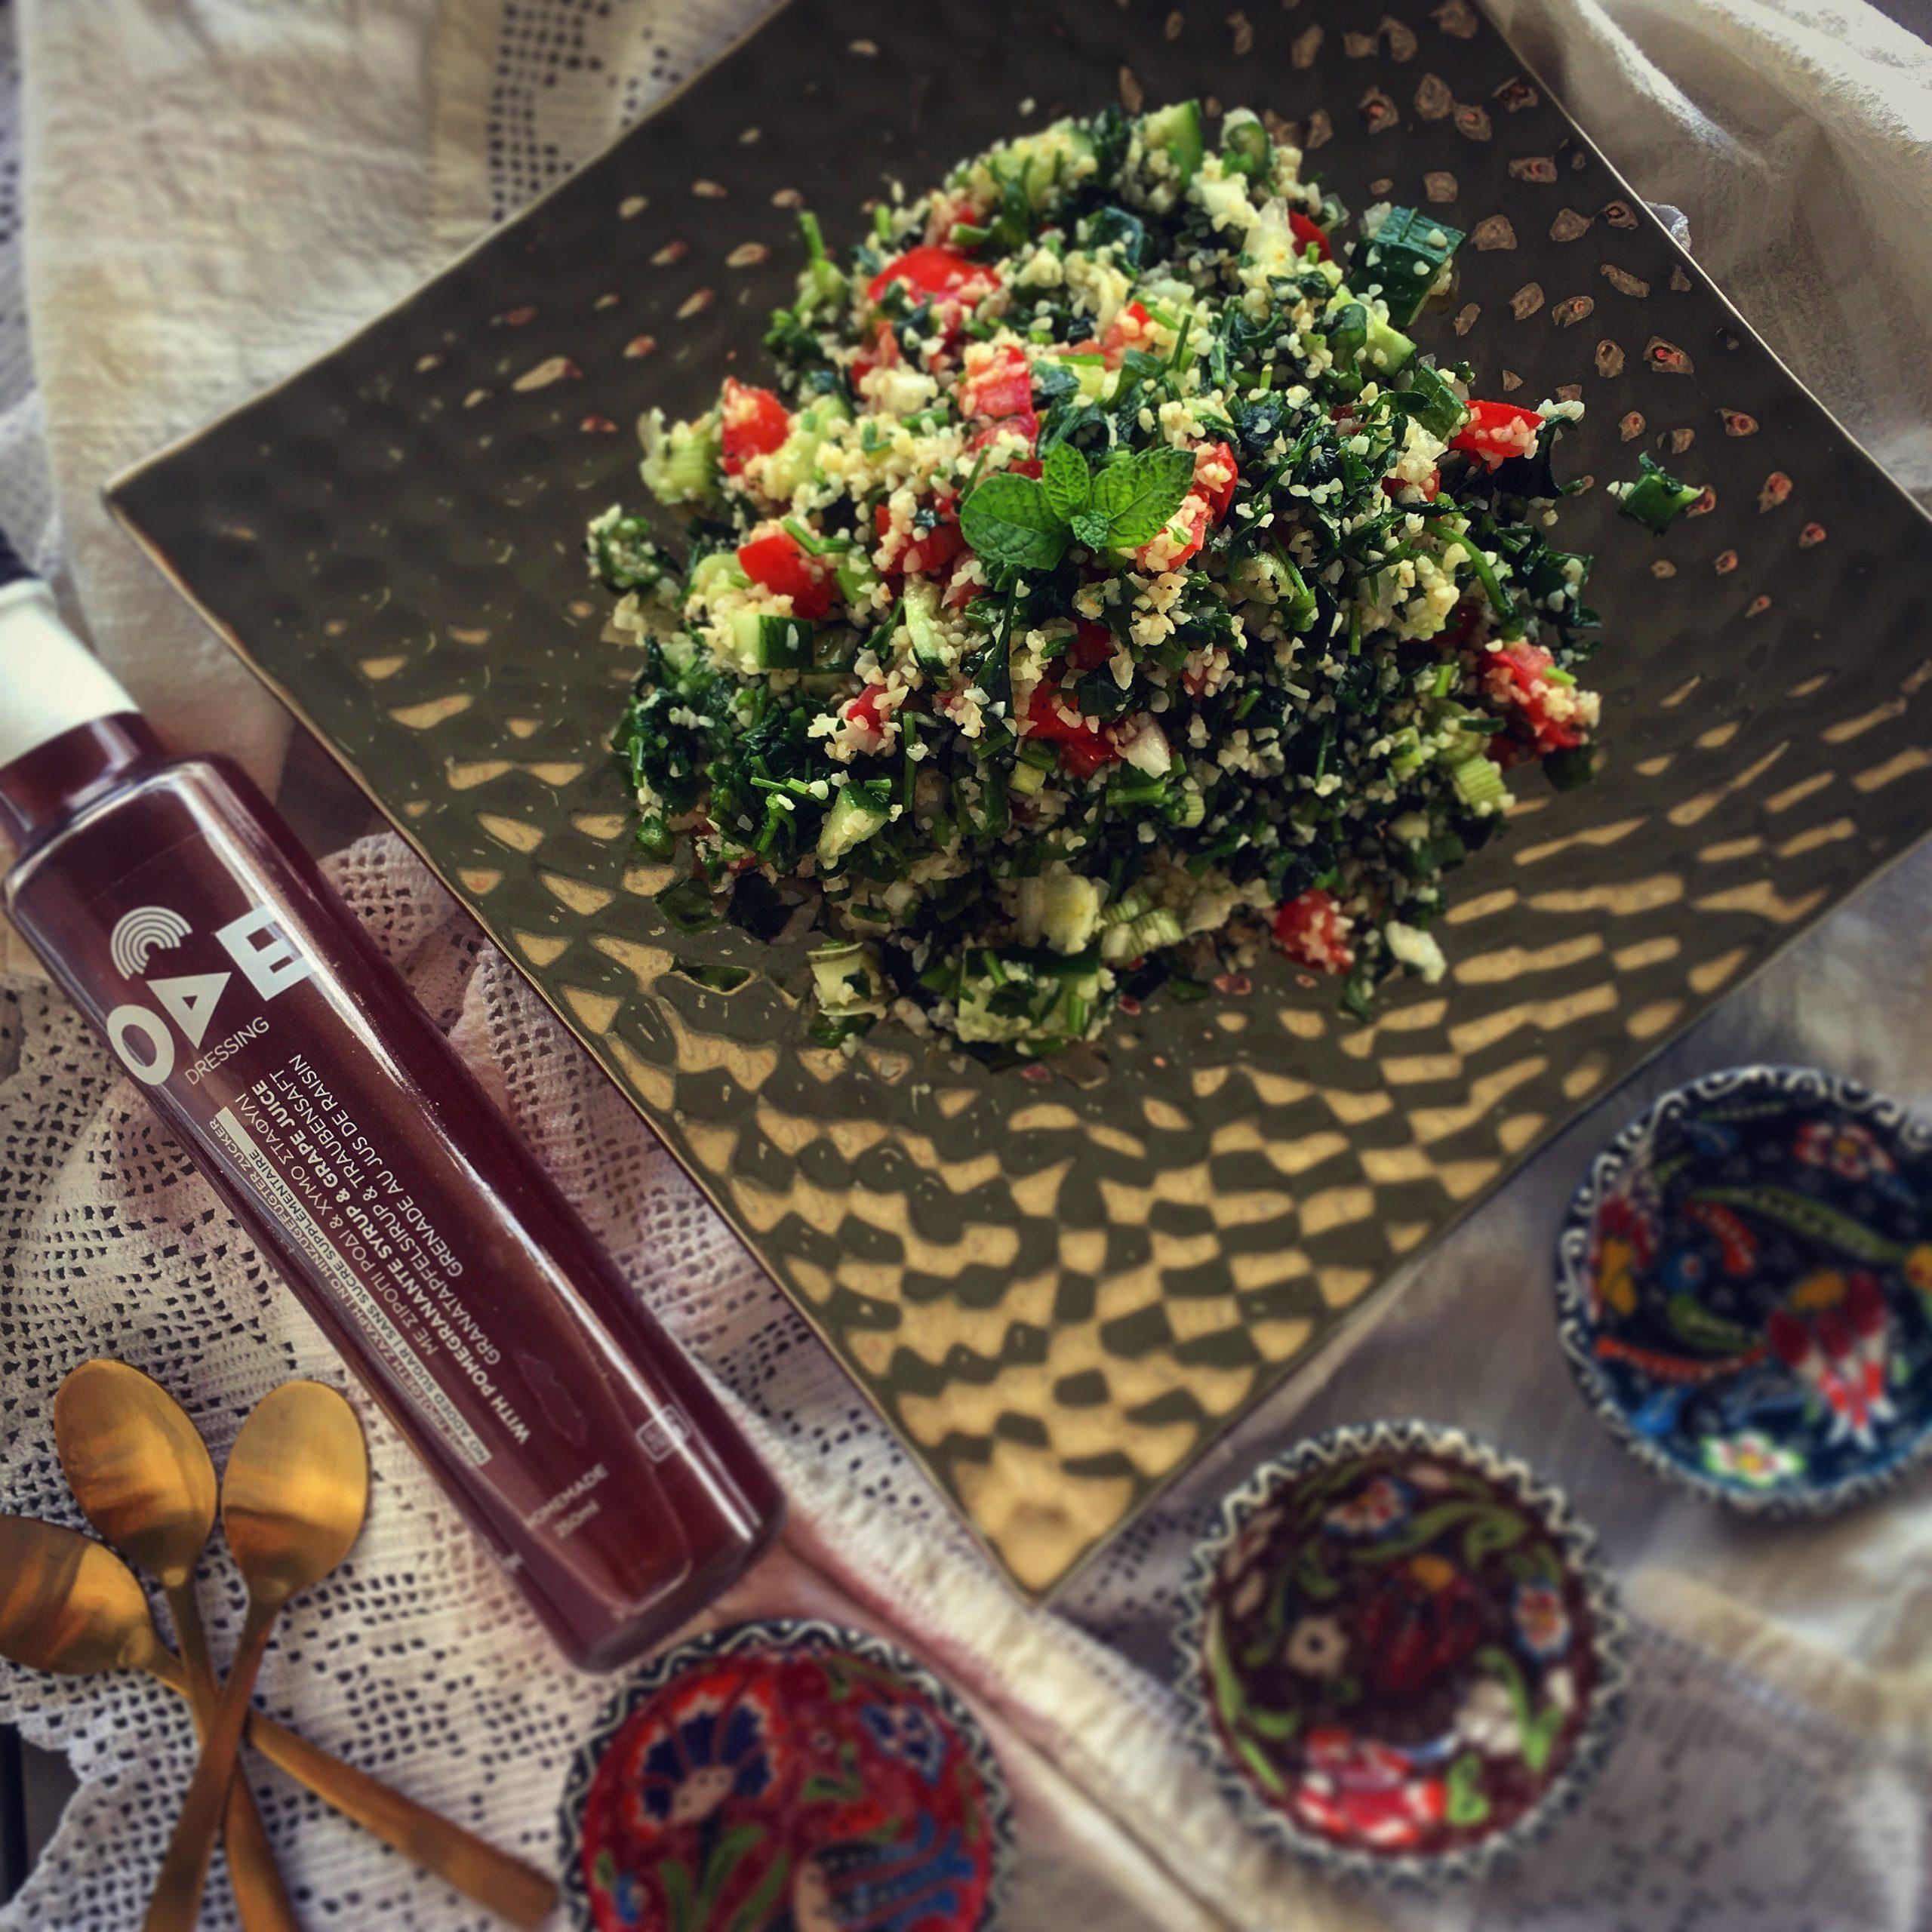 σαλάτα ταμπουλέ ωδή στο ρόδι ode to pomegranate salad